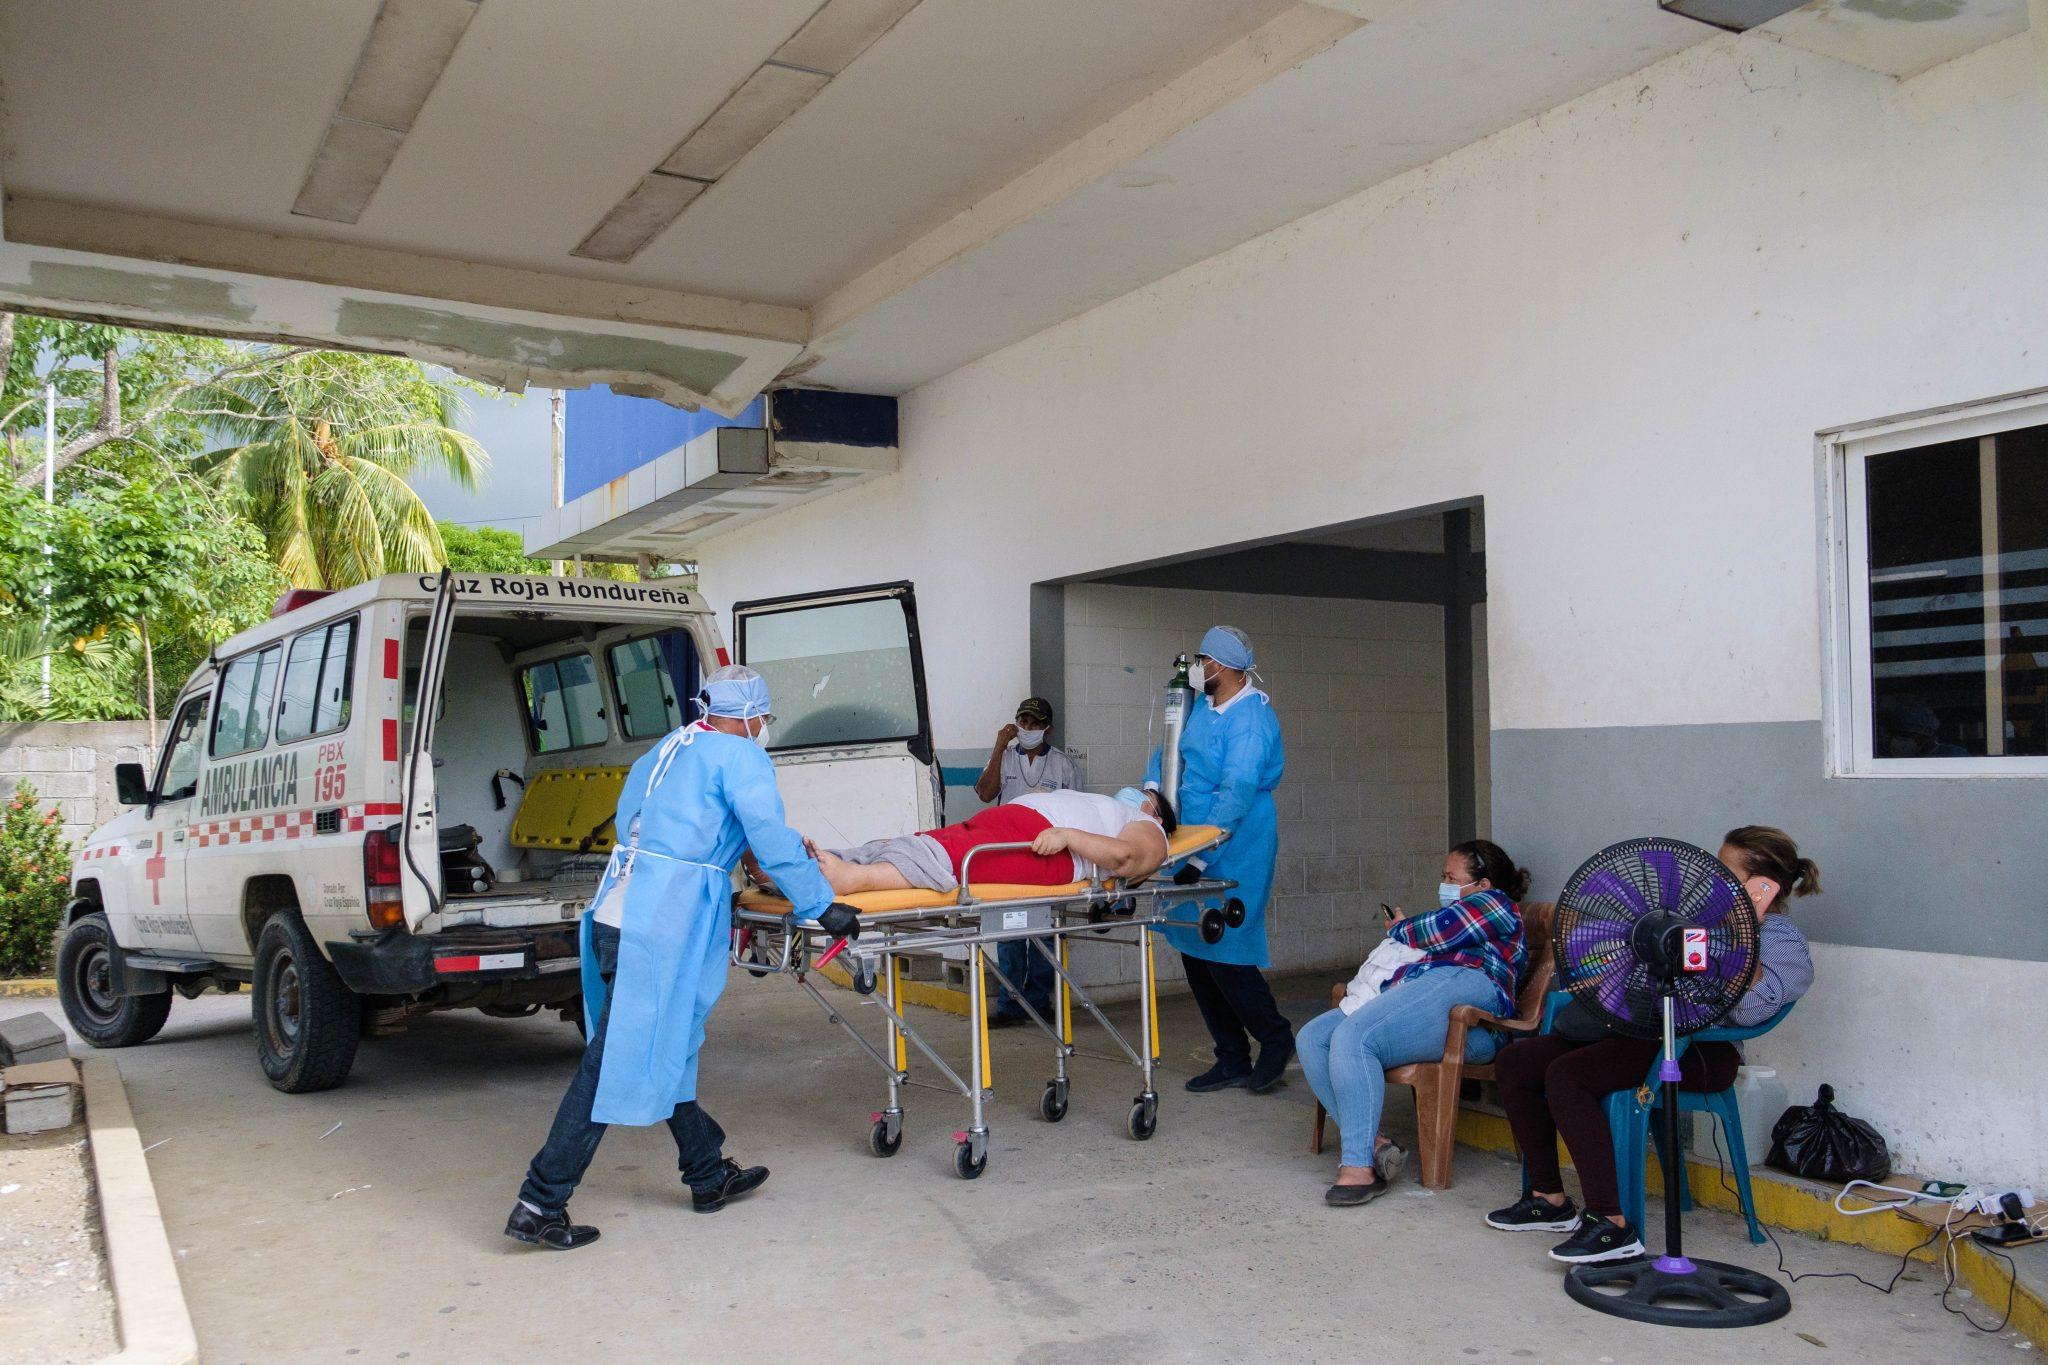 Miembros de la Cruz Roja del municipio de Omoa en el departamento de Cortés, trasladan a una mujer de 43 años de edad, desde la comunidad de Cuyamel hasta el Hospital de Área de Puerto Cortés, presentando complicaciones para respirar debido la COVID-19. En la actualidad, el departamento de Cortés registra 30,882 casos totales de contagio para COVID-19, según datos oficiales registrados a través del Sistema Nacional de Gestión de Riesgo. Puerto Cortés, 16 de julio de 2020. Foto Deiby Yanes.